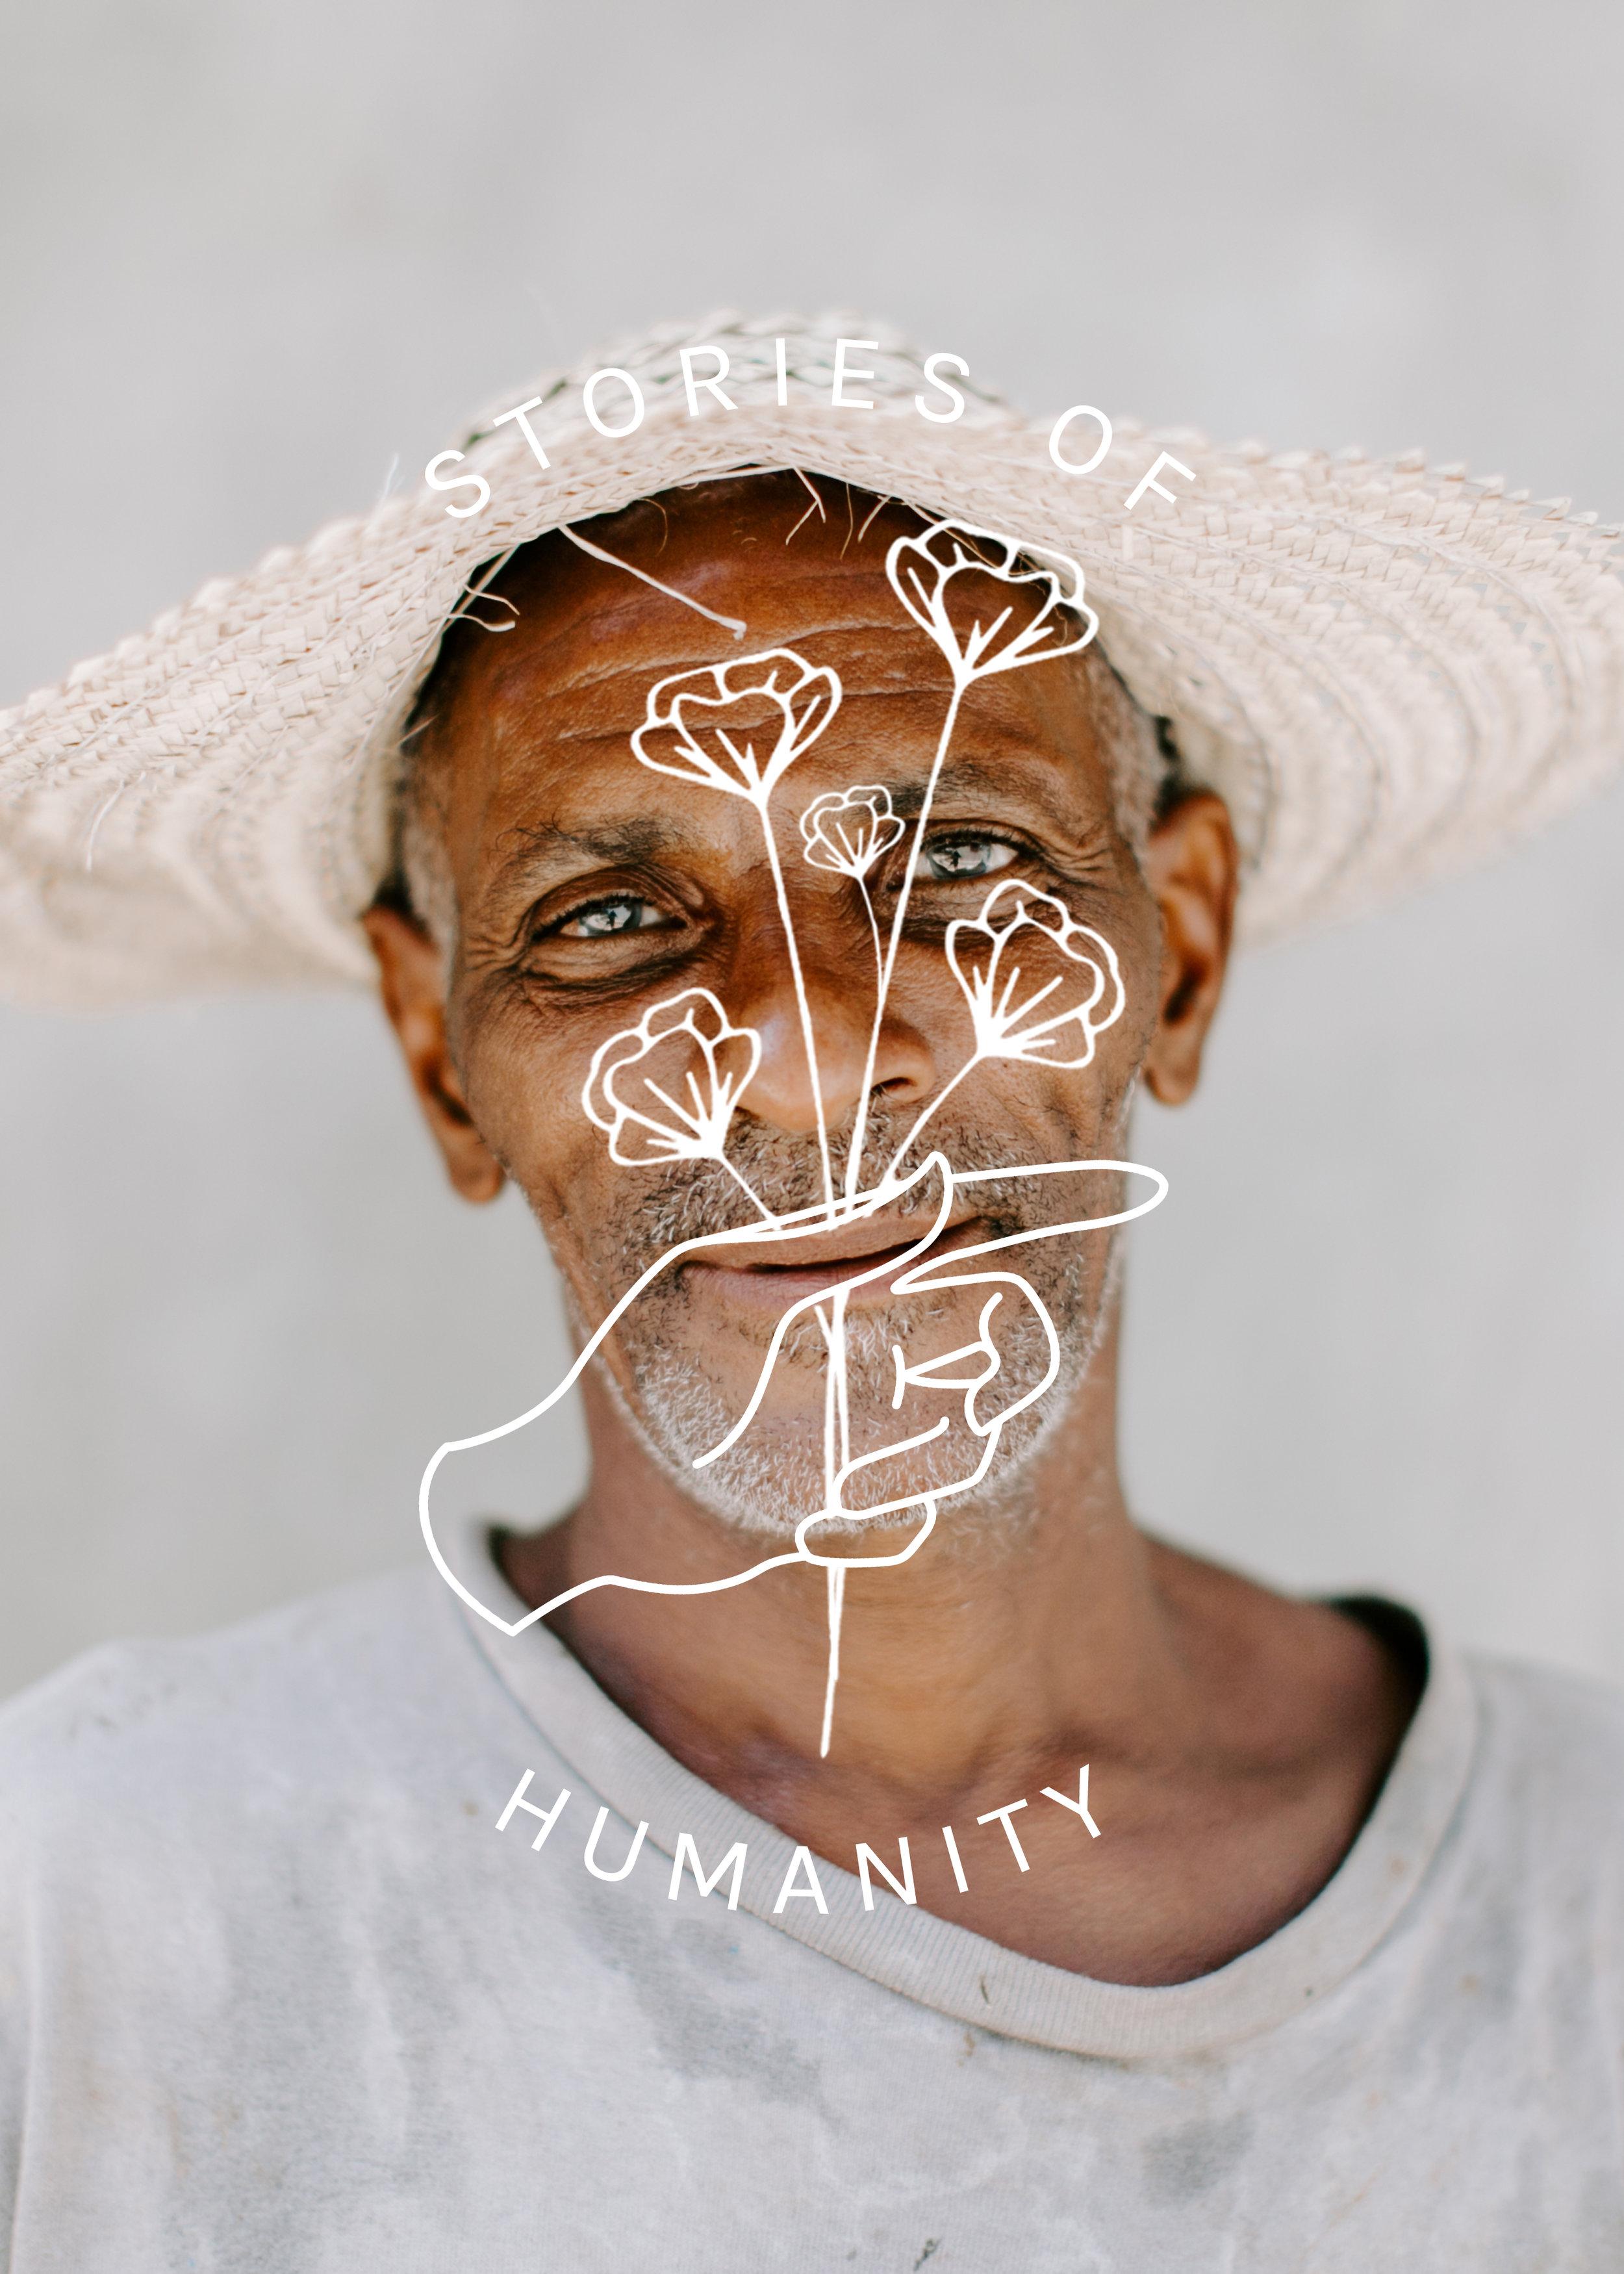 Stories of Humanity.jpg